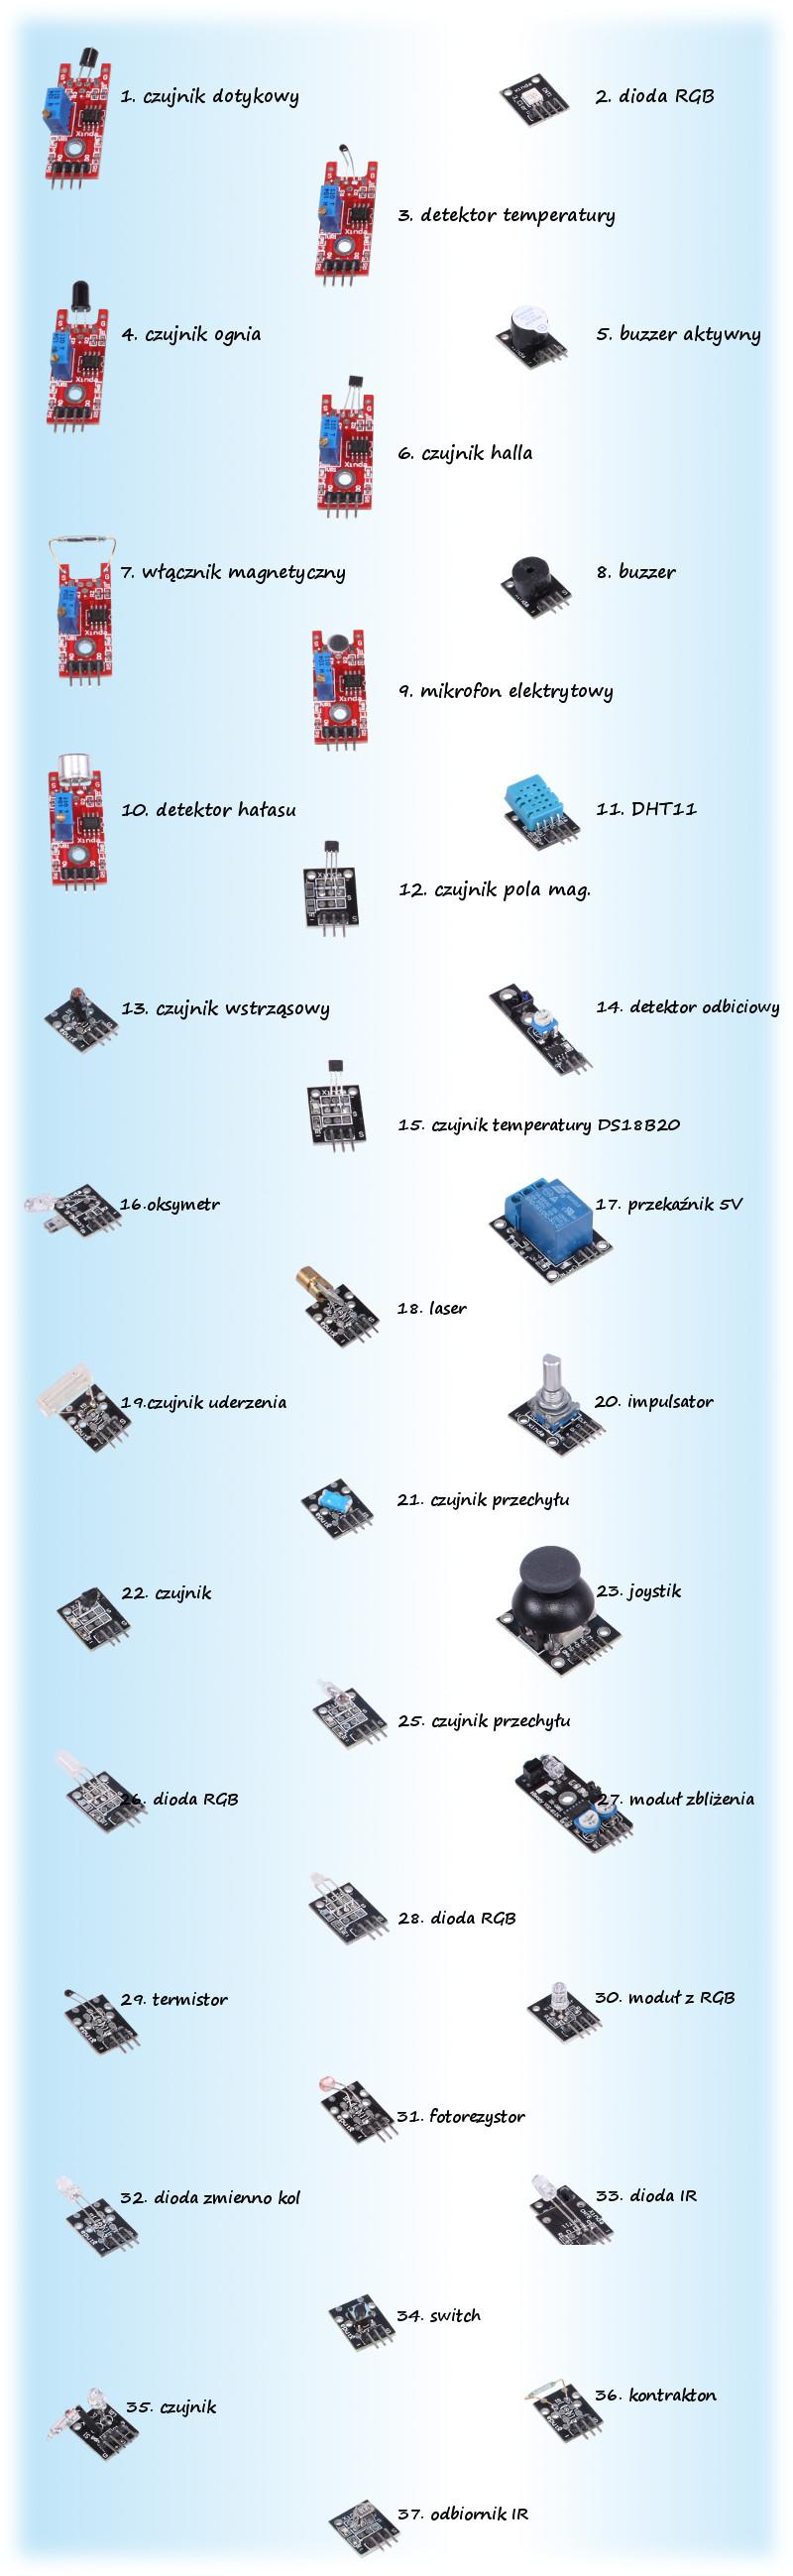 048F4BB7-2C86-4F7B-8B9E-E956A6AF1DE5.JPE